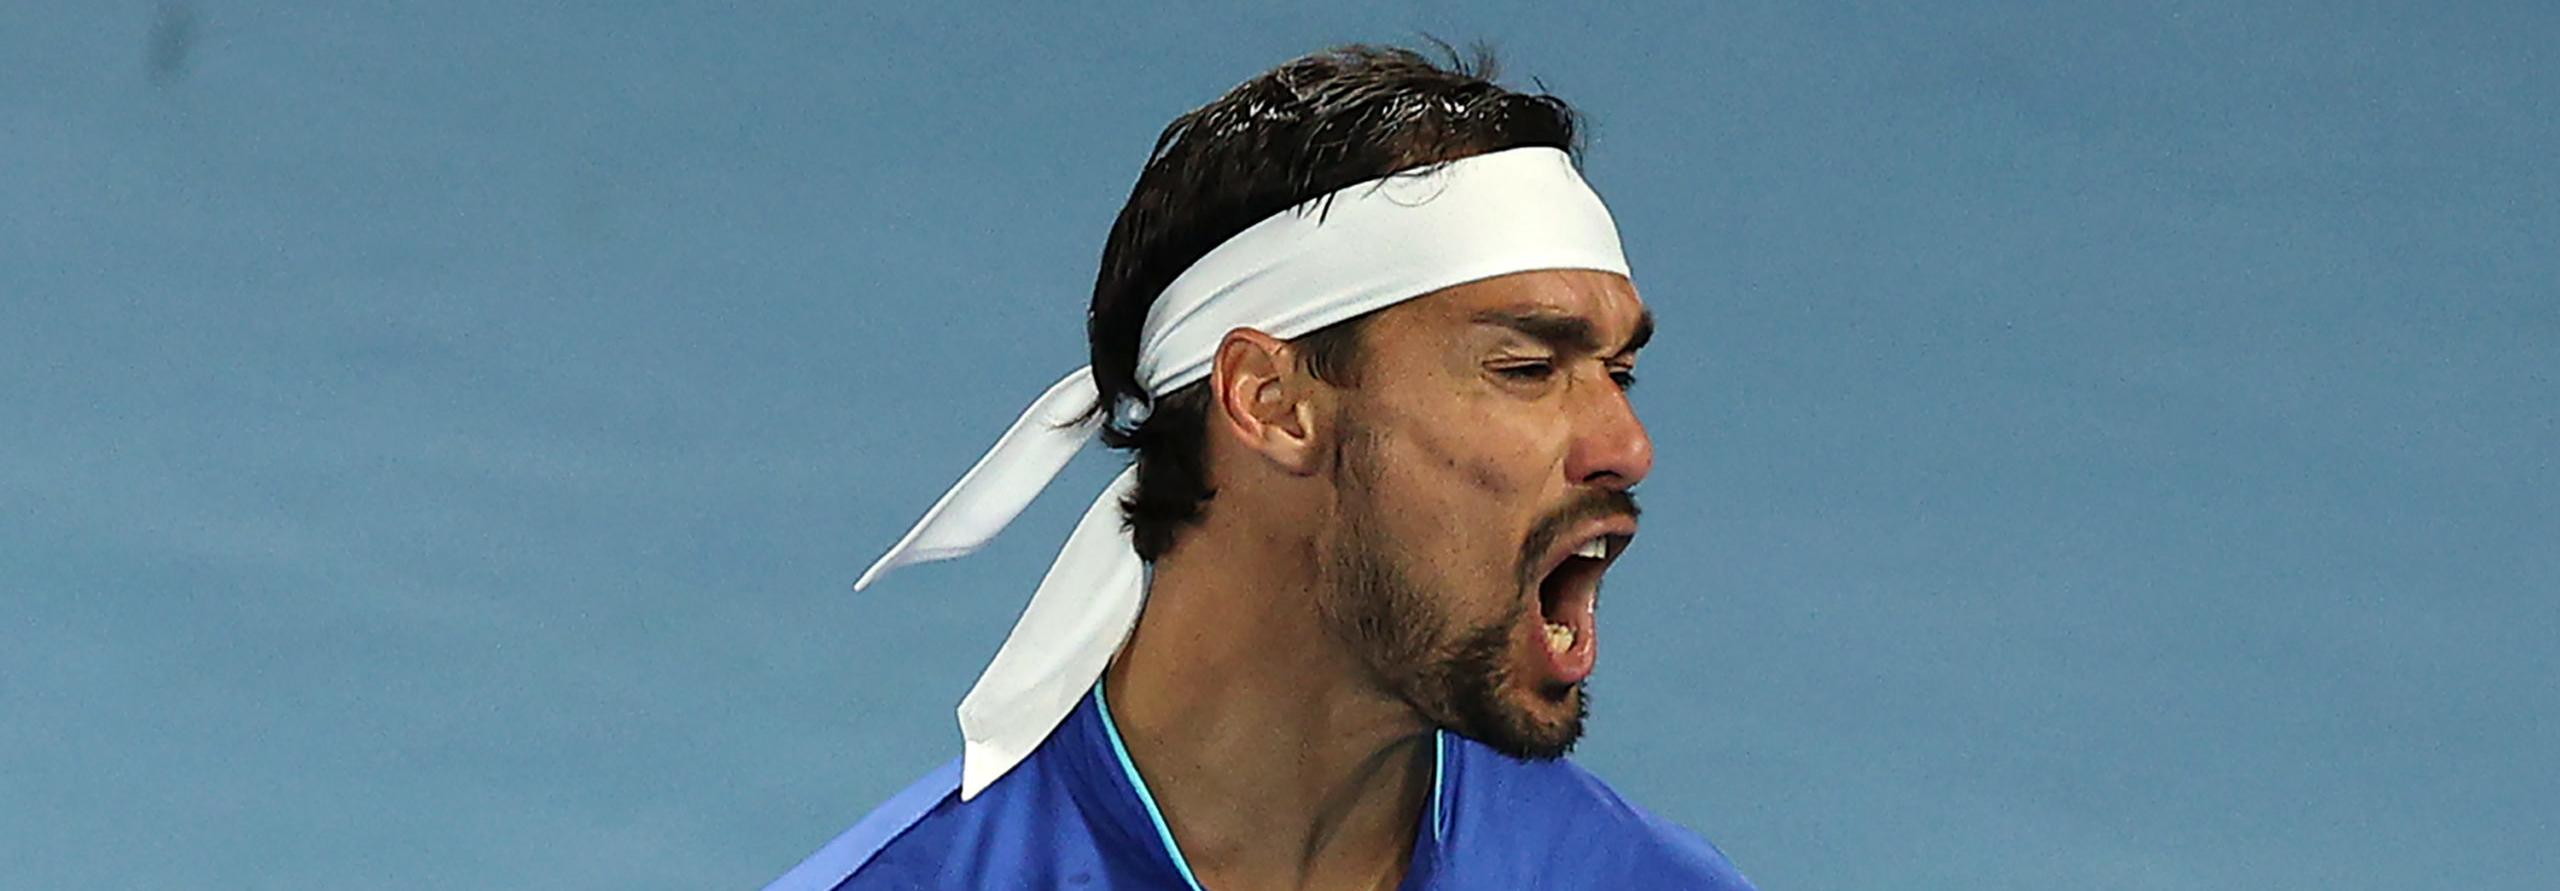 Pronostici Australian Open: da Rublev a Fognini alla Martic, 3 consigli per il day 2